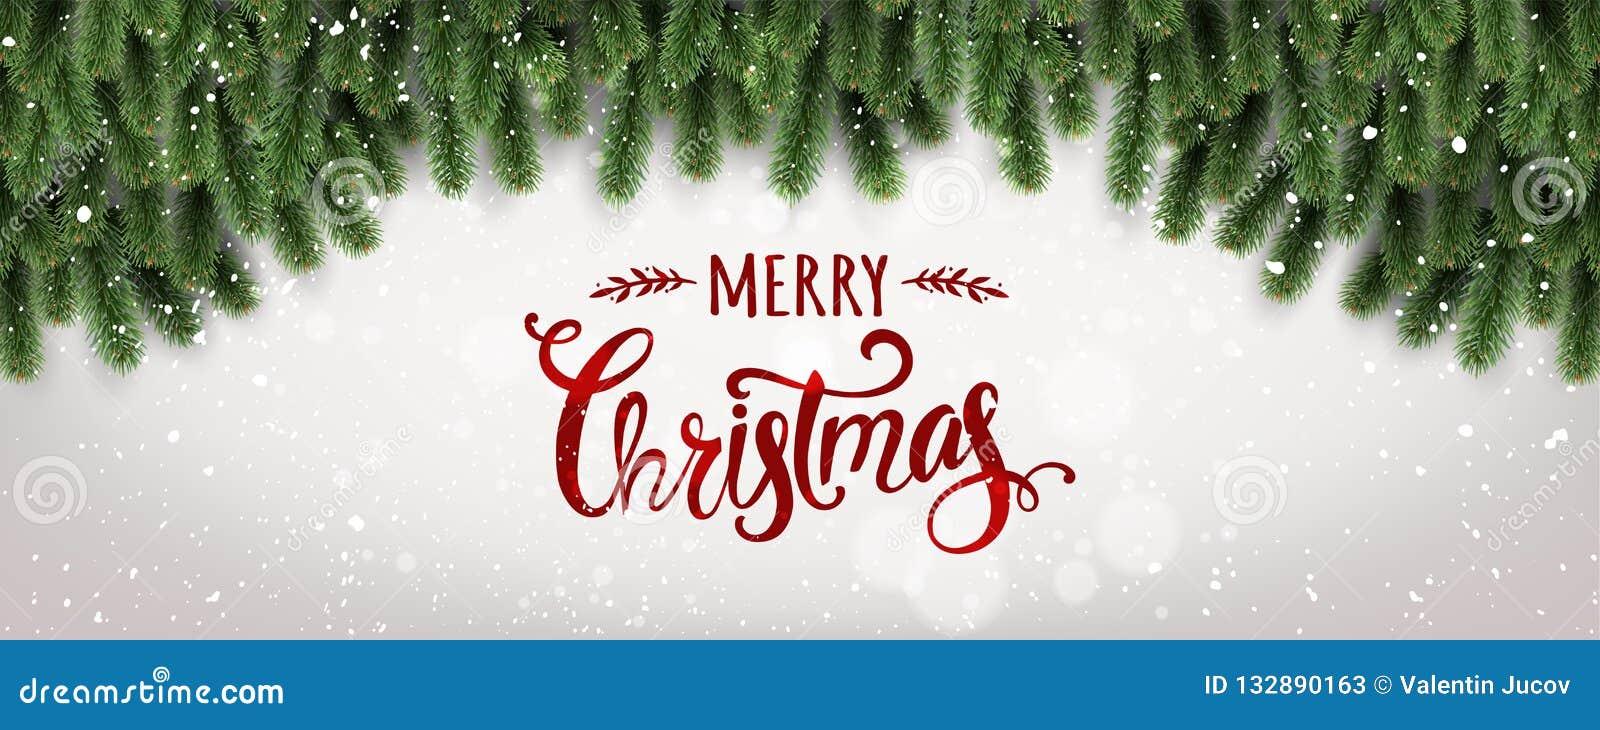 Buon Natale tipografico su fondo bianco con i rami di albero decorati con le stelle, luci, fiocchi di neve